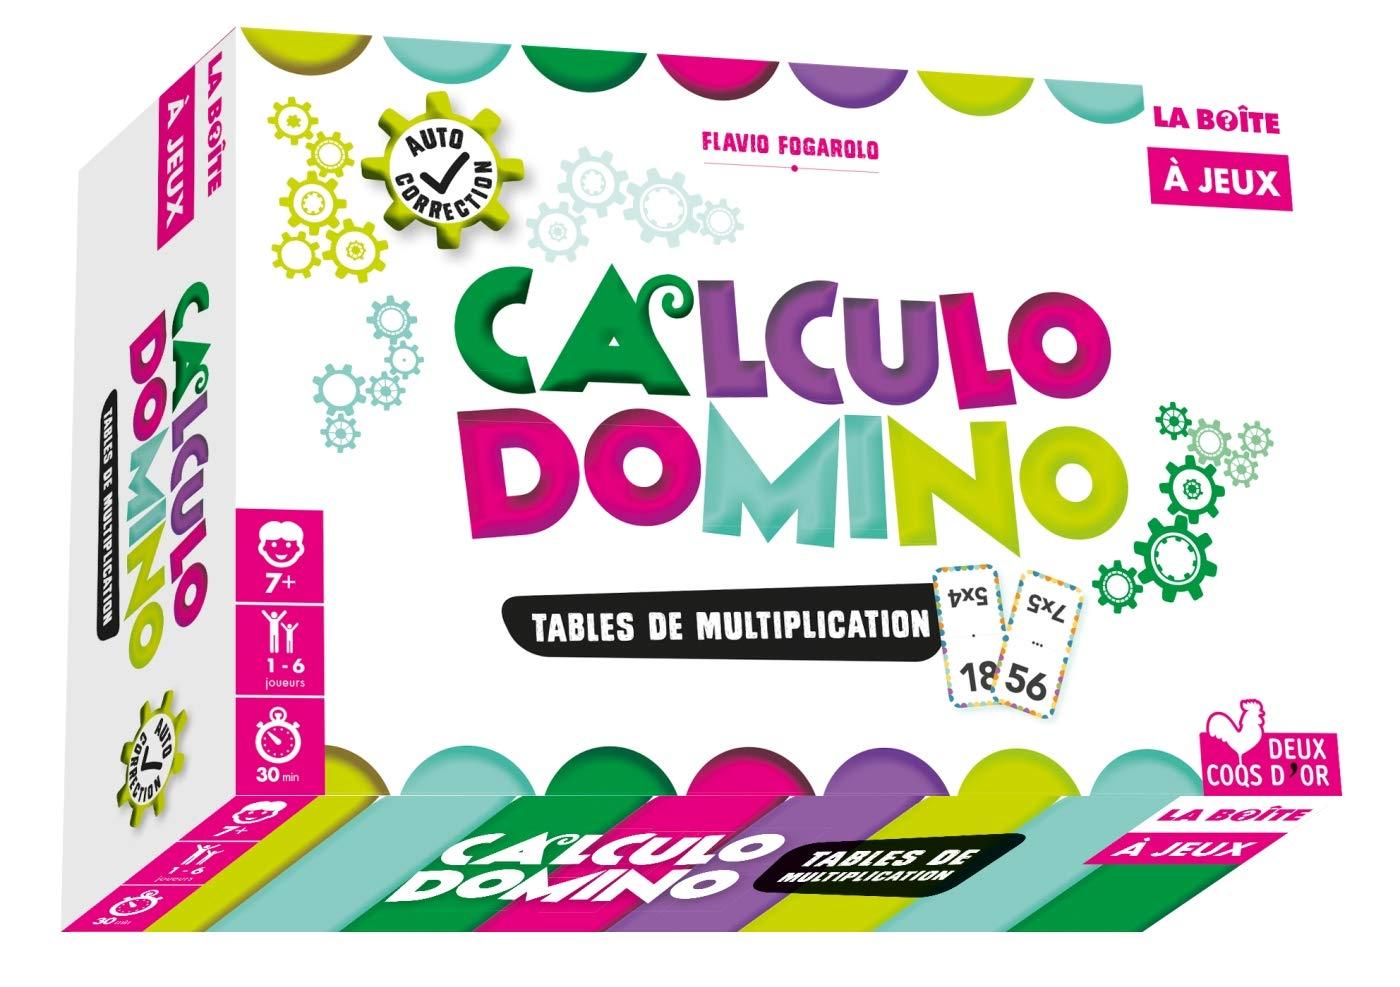 Calculo domino un jeux astucieux pour apprendre les tables de multiplication en s 39 amusant - Domino table de multiplication ...